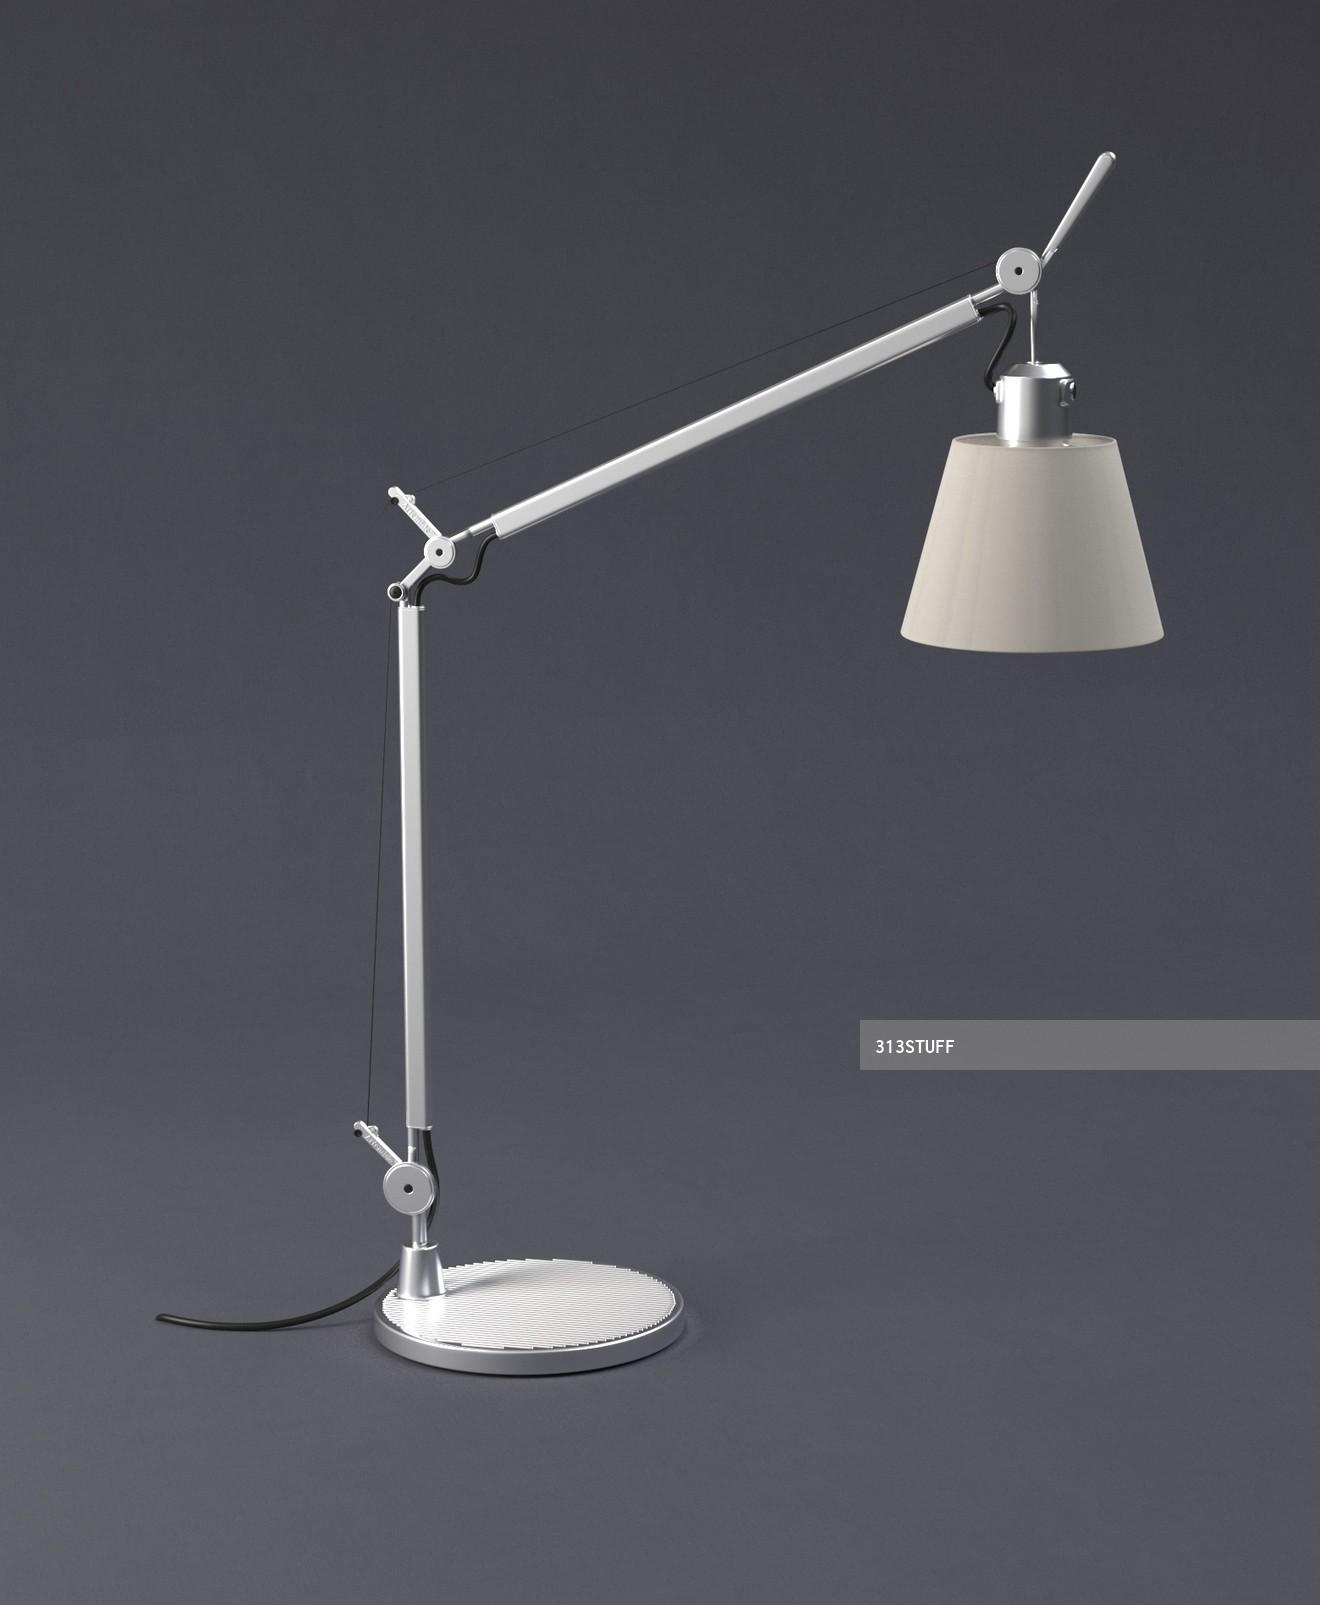 Artemide Tolomeo Lamp Repair